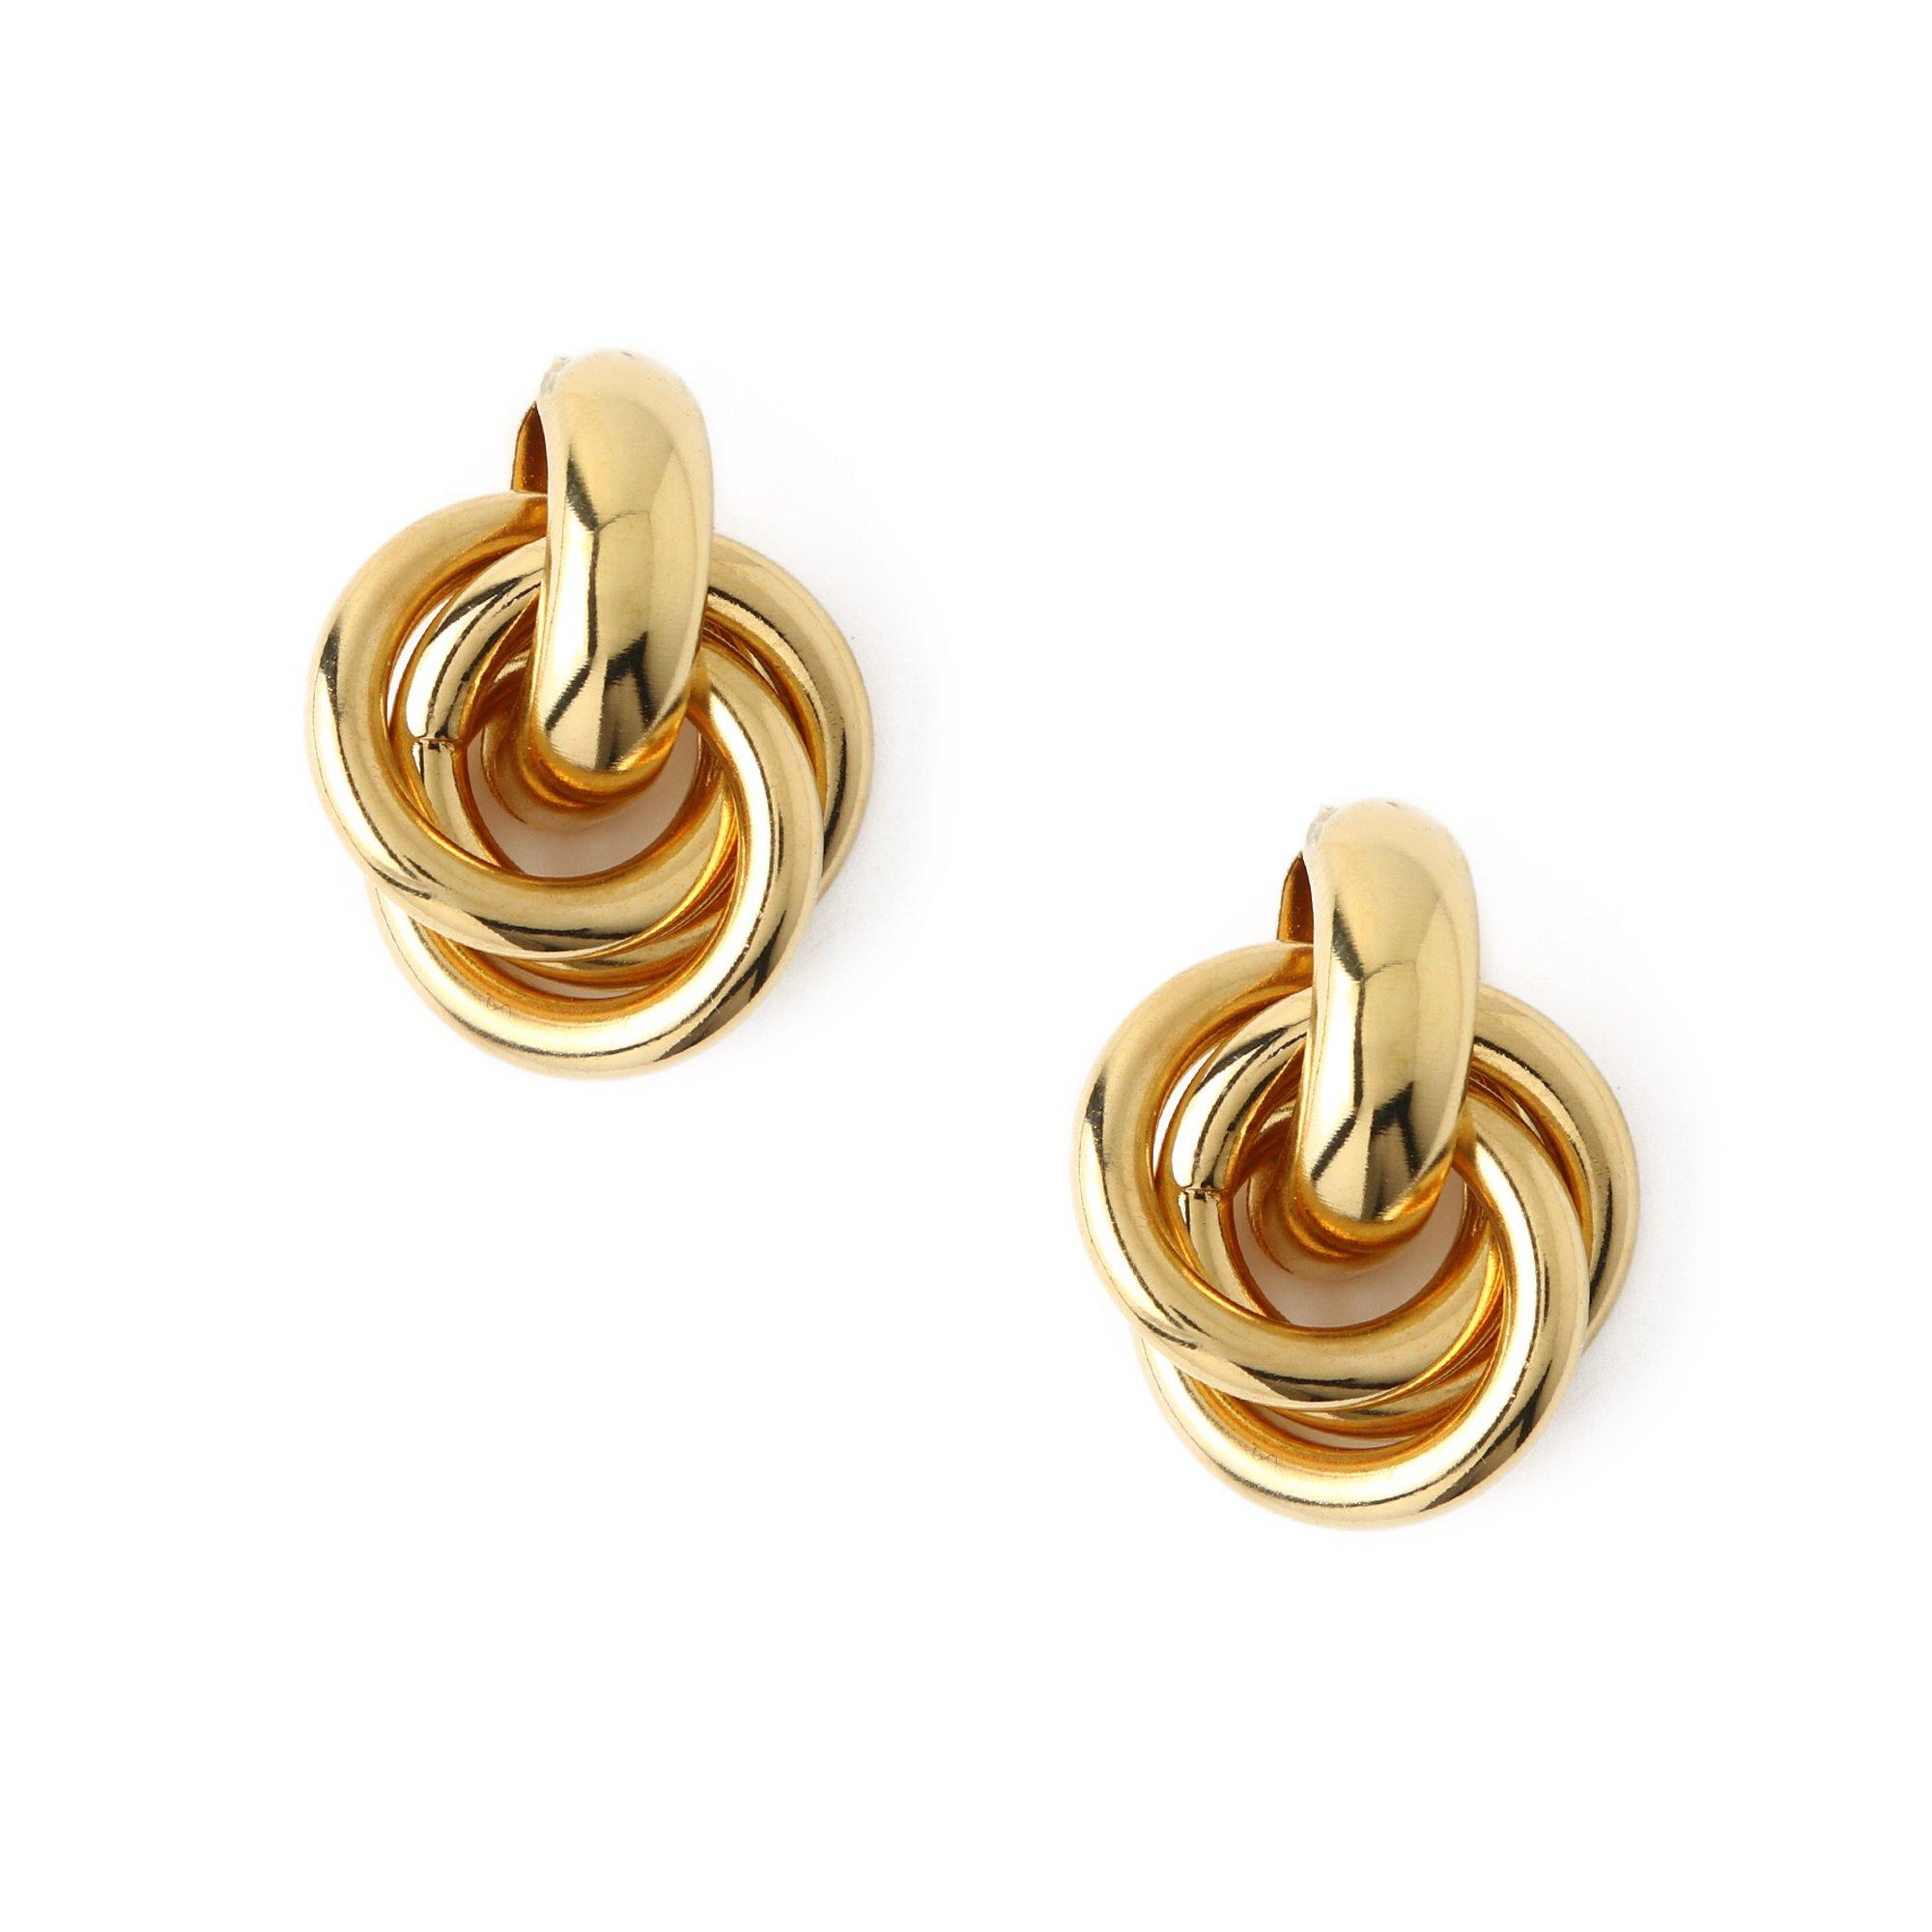 Statement Interlocking Earrings